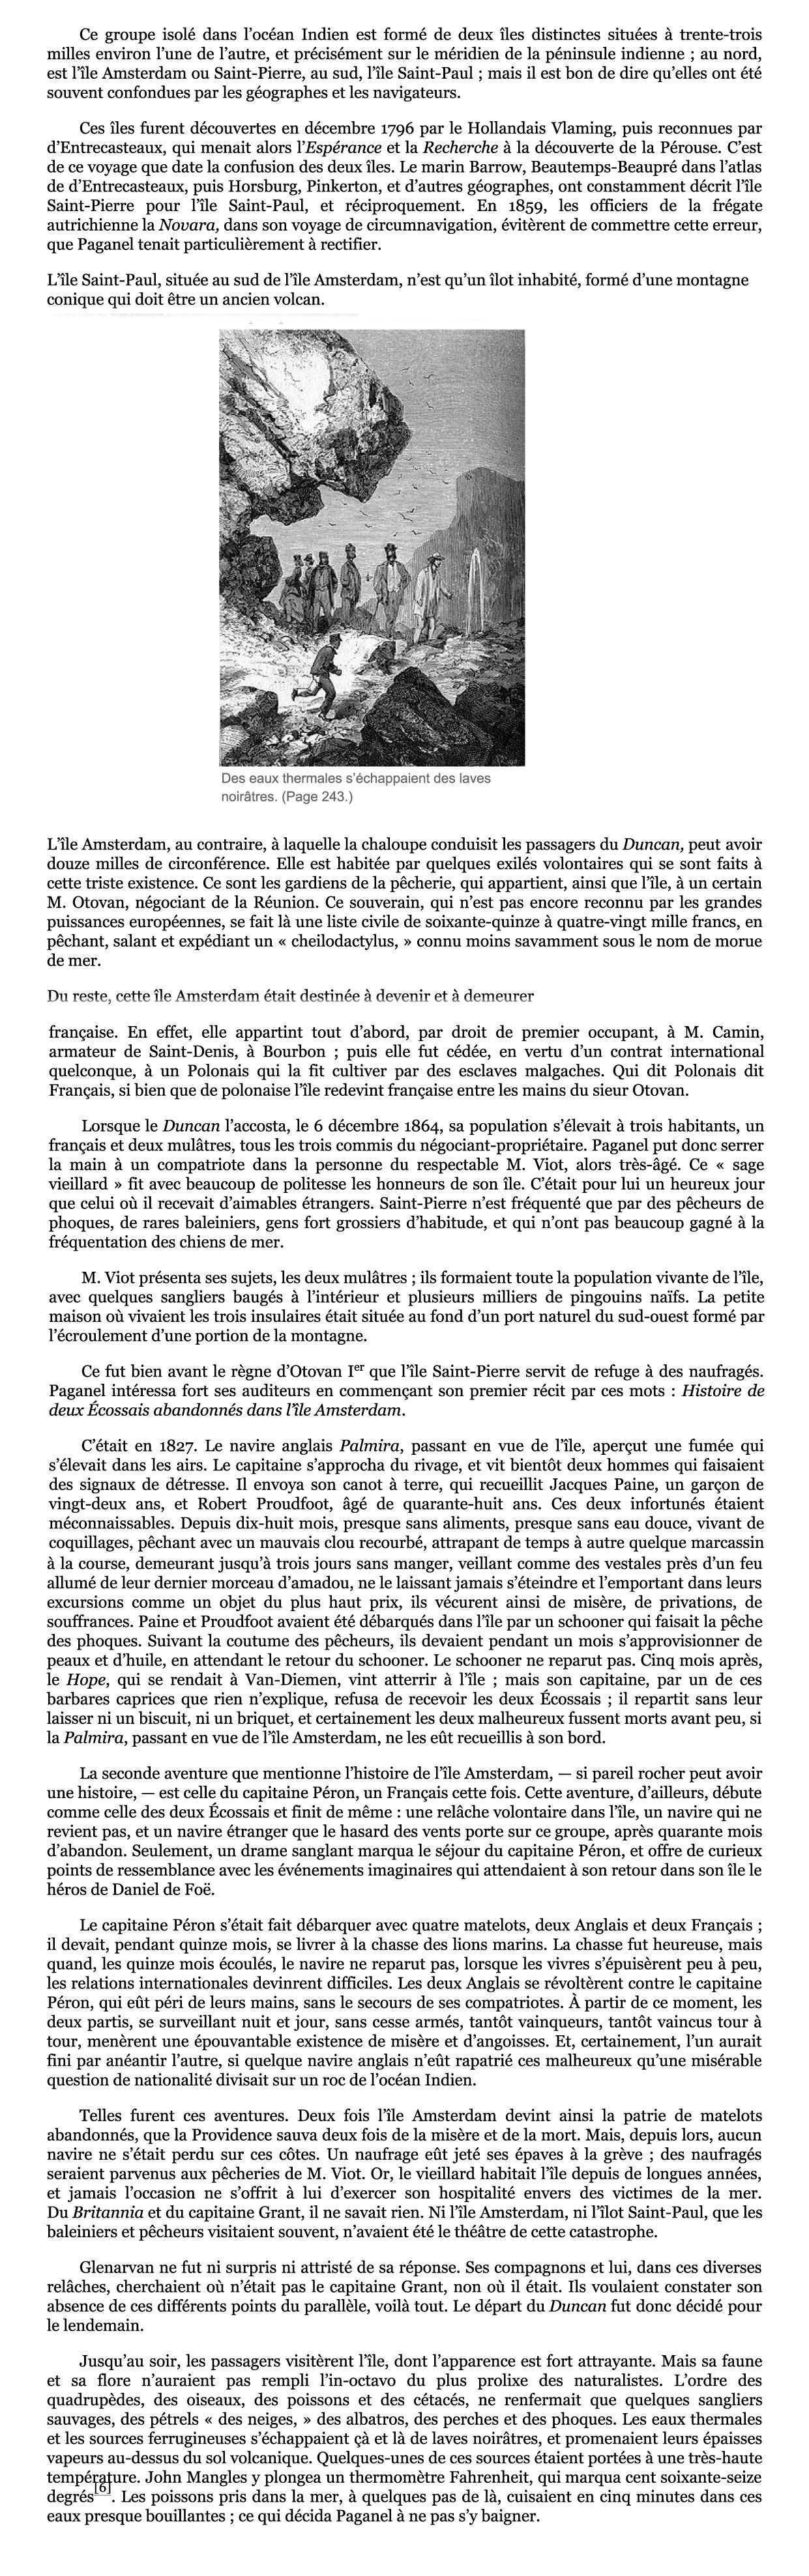 Nouveau DEFI ZOOM FRANCE No 334 - Page 57 Les_en10